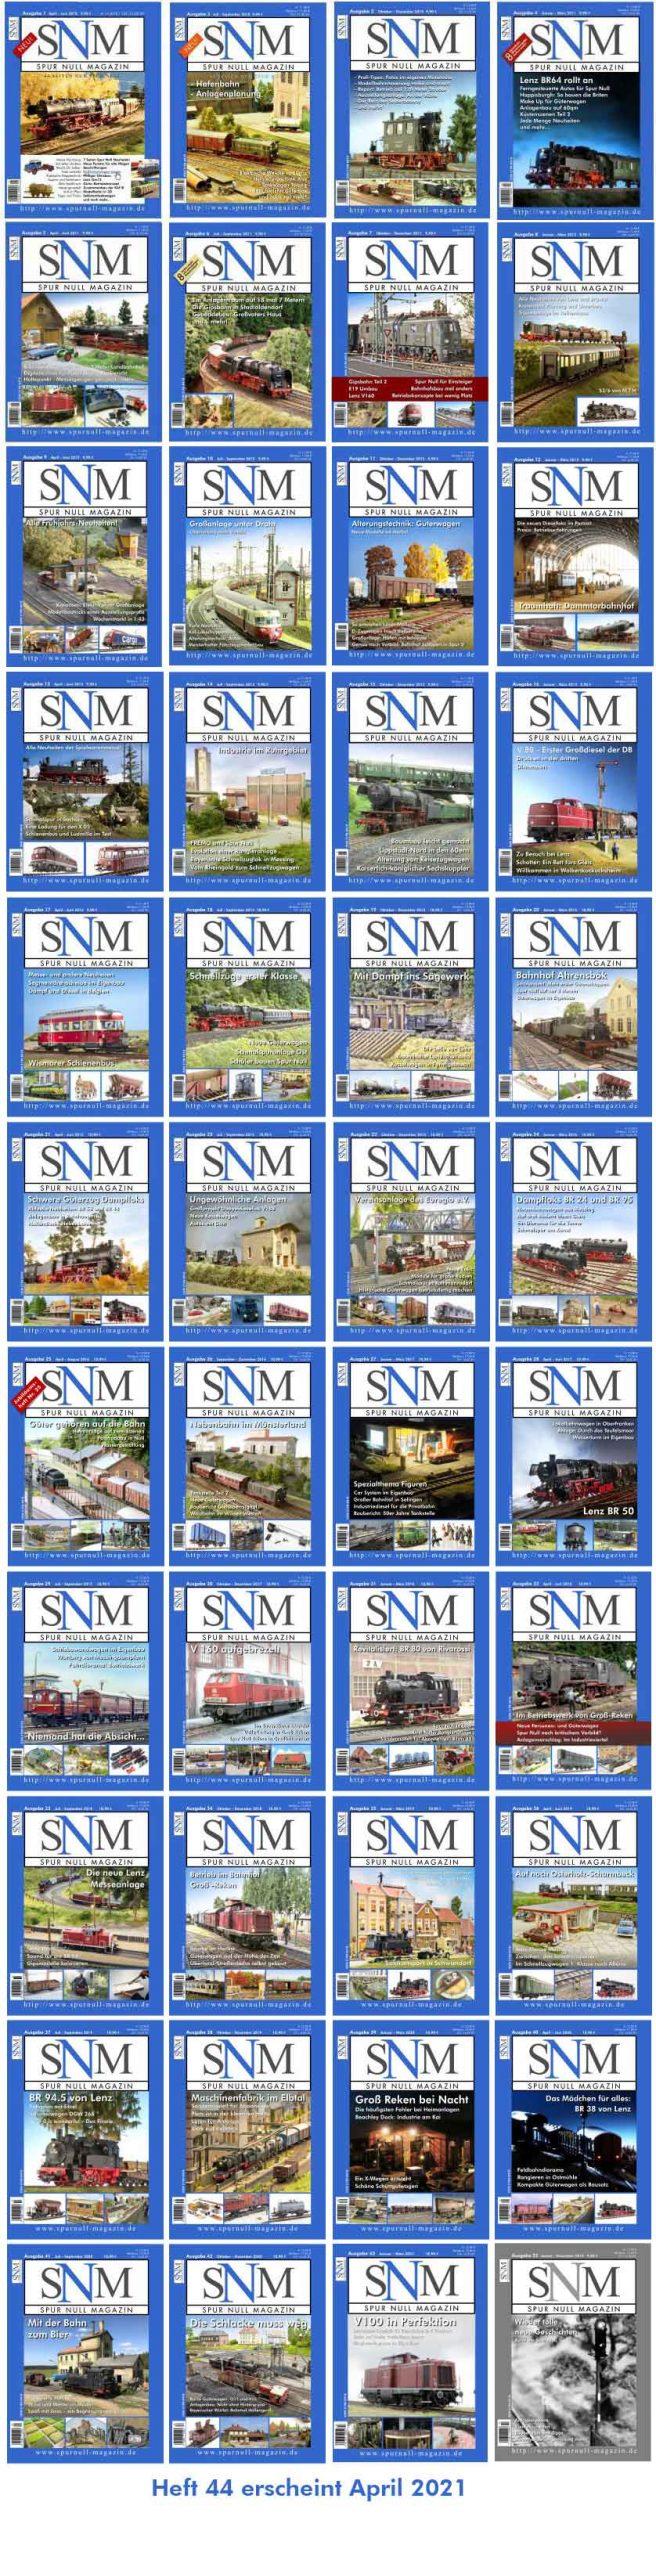 SNM Heft 1-43